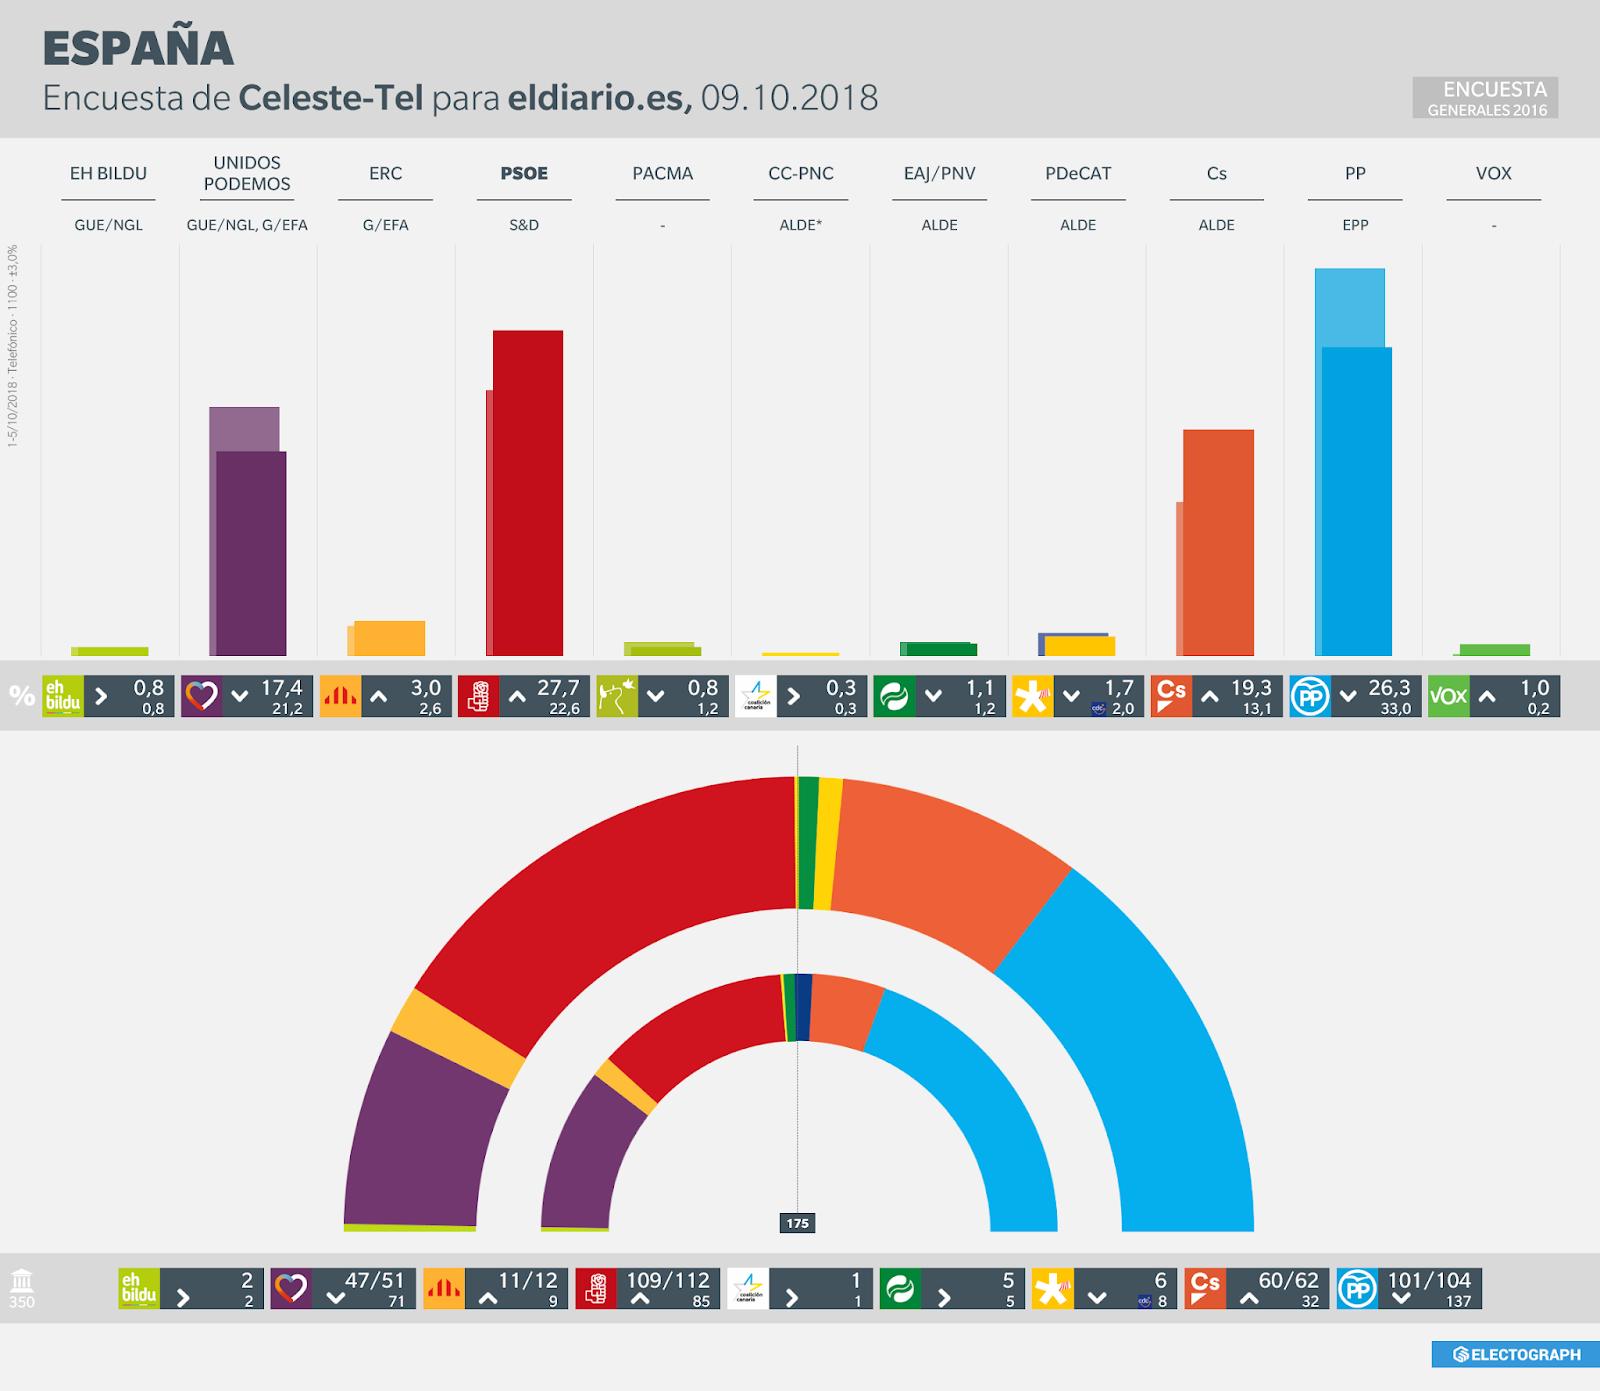 Gráfico de la encuesta para elecciones generales en España realizada por Celeste-Tel para eldiario.es en octubre de 2018